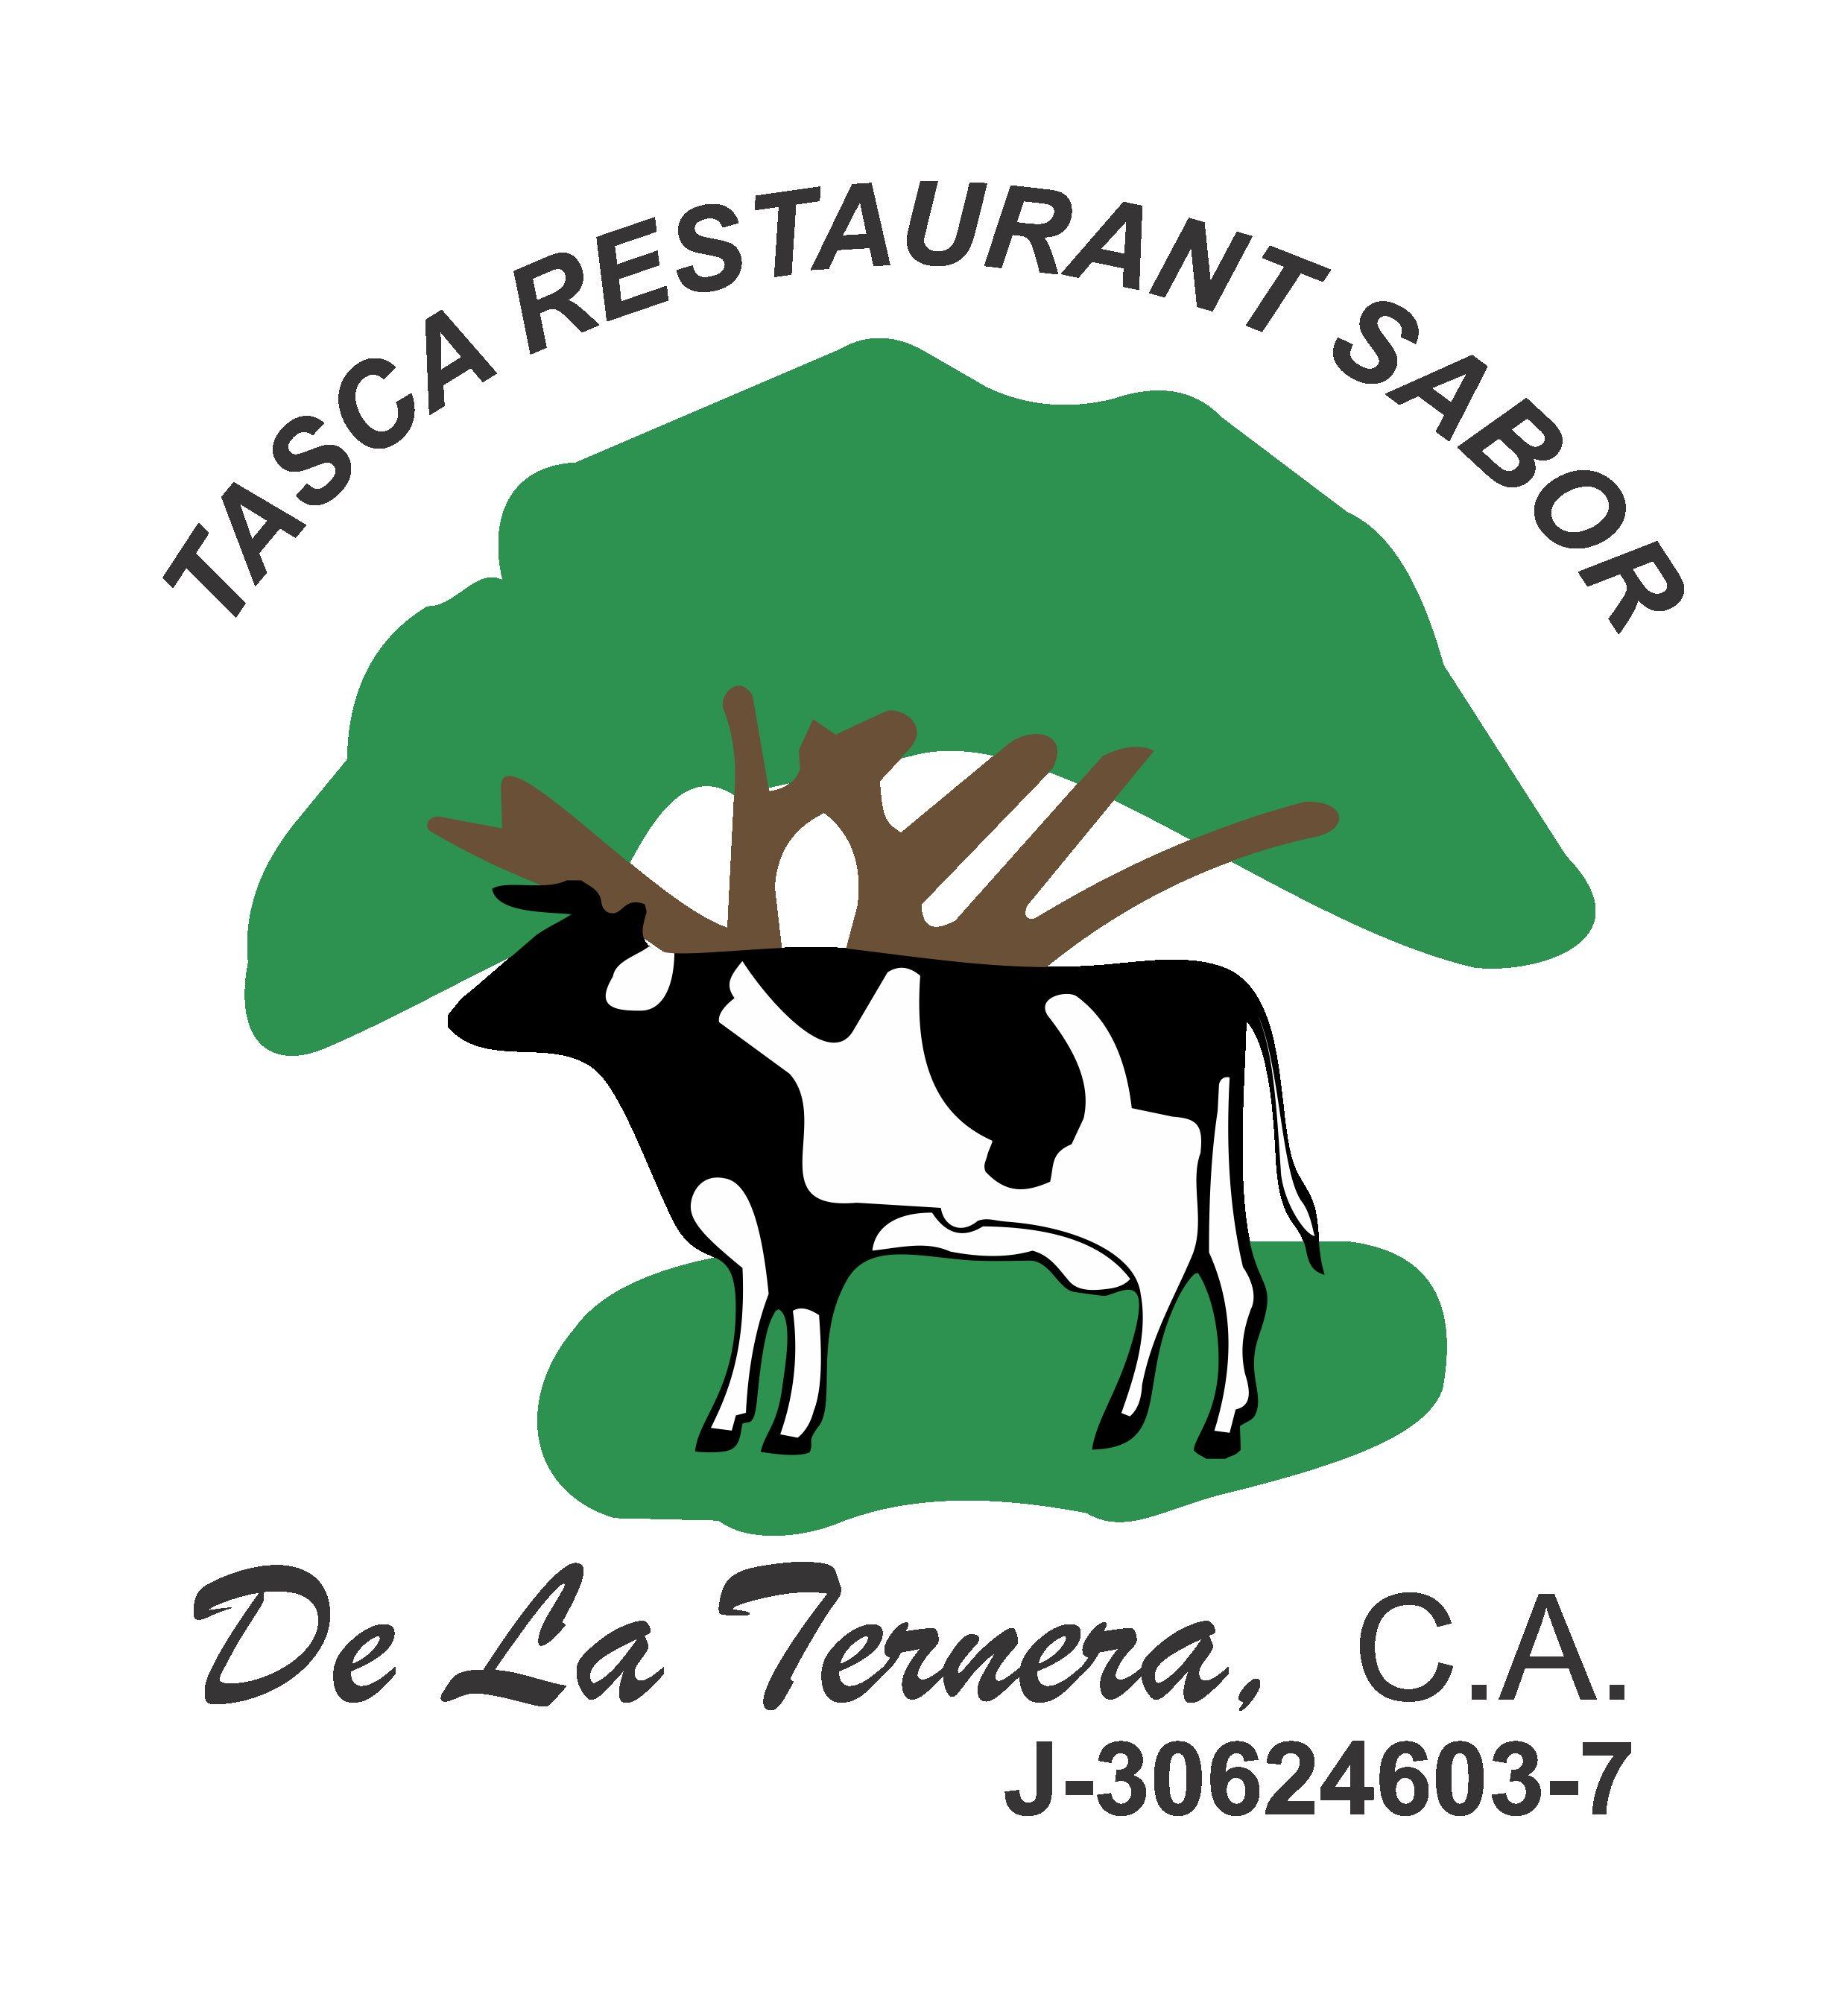 Tasca Restaurant Sabor de la Ternera, C.A